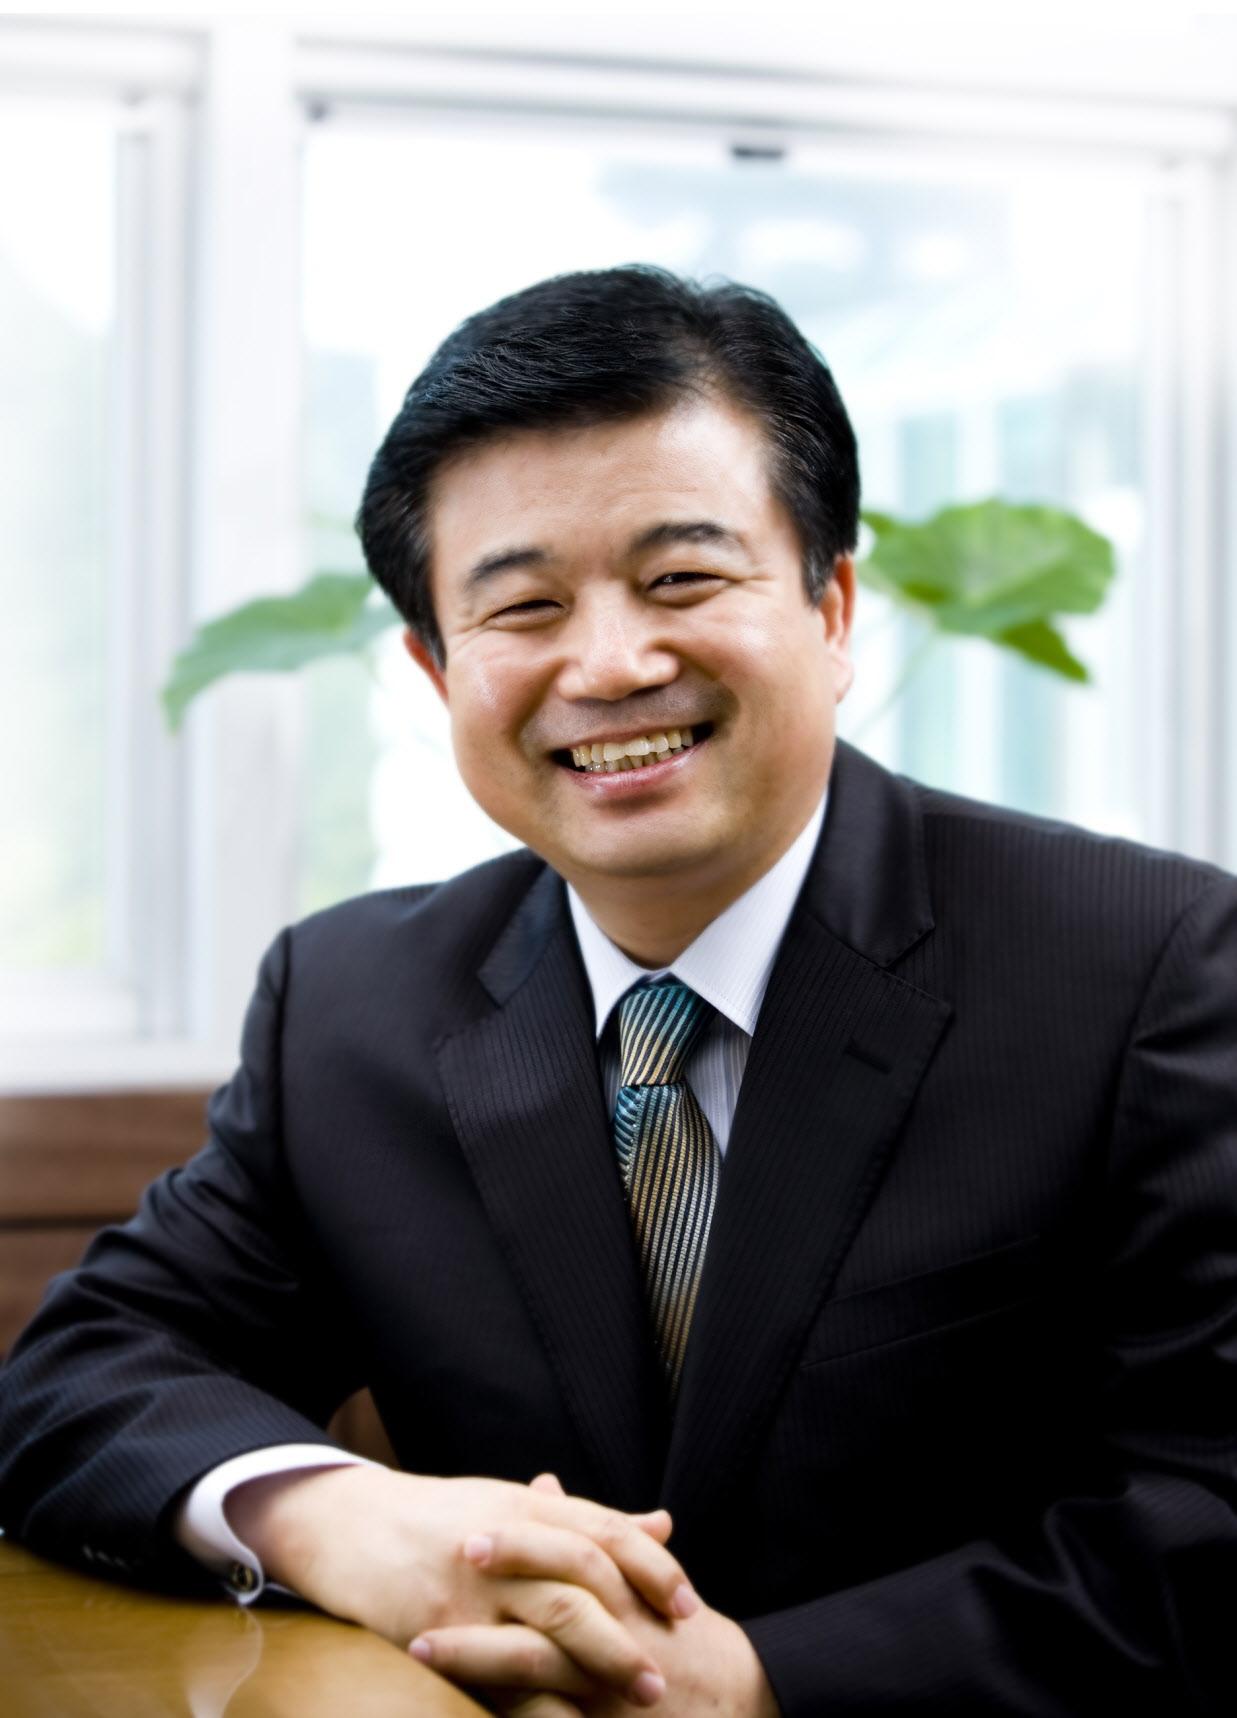 김성곤 목사 사진